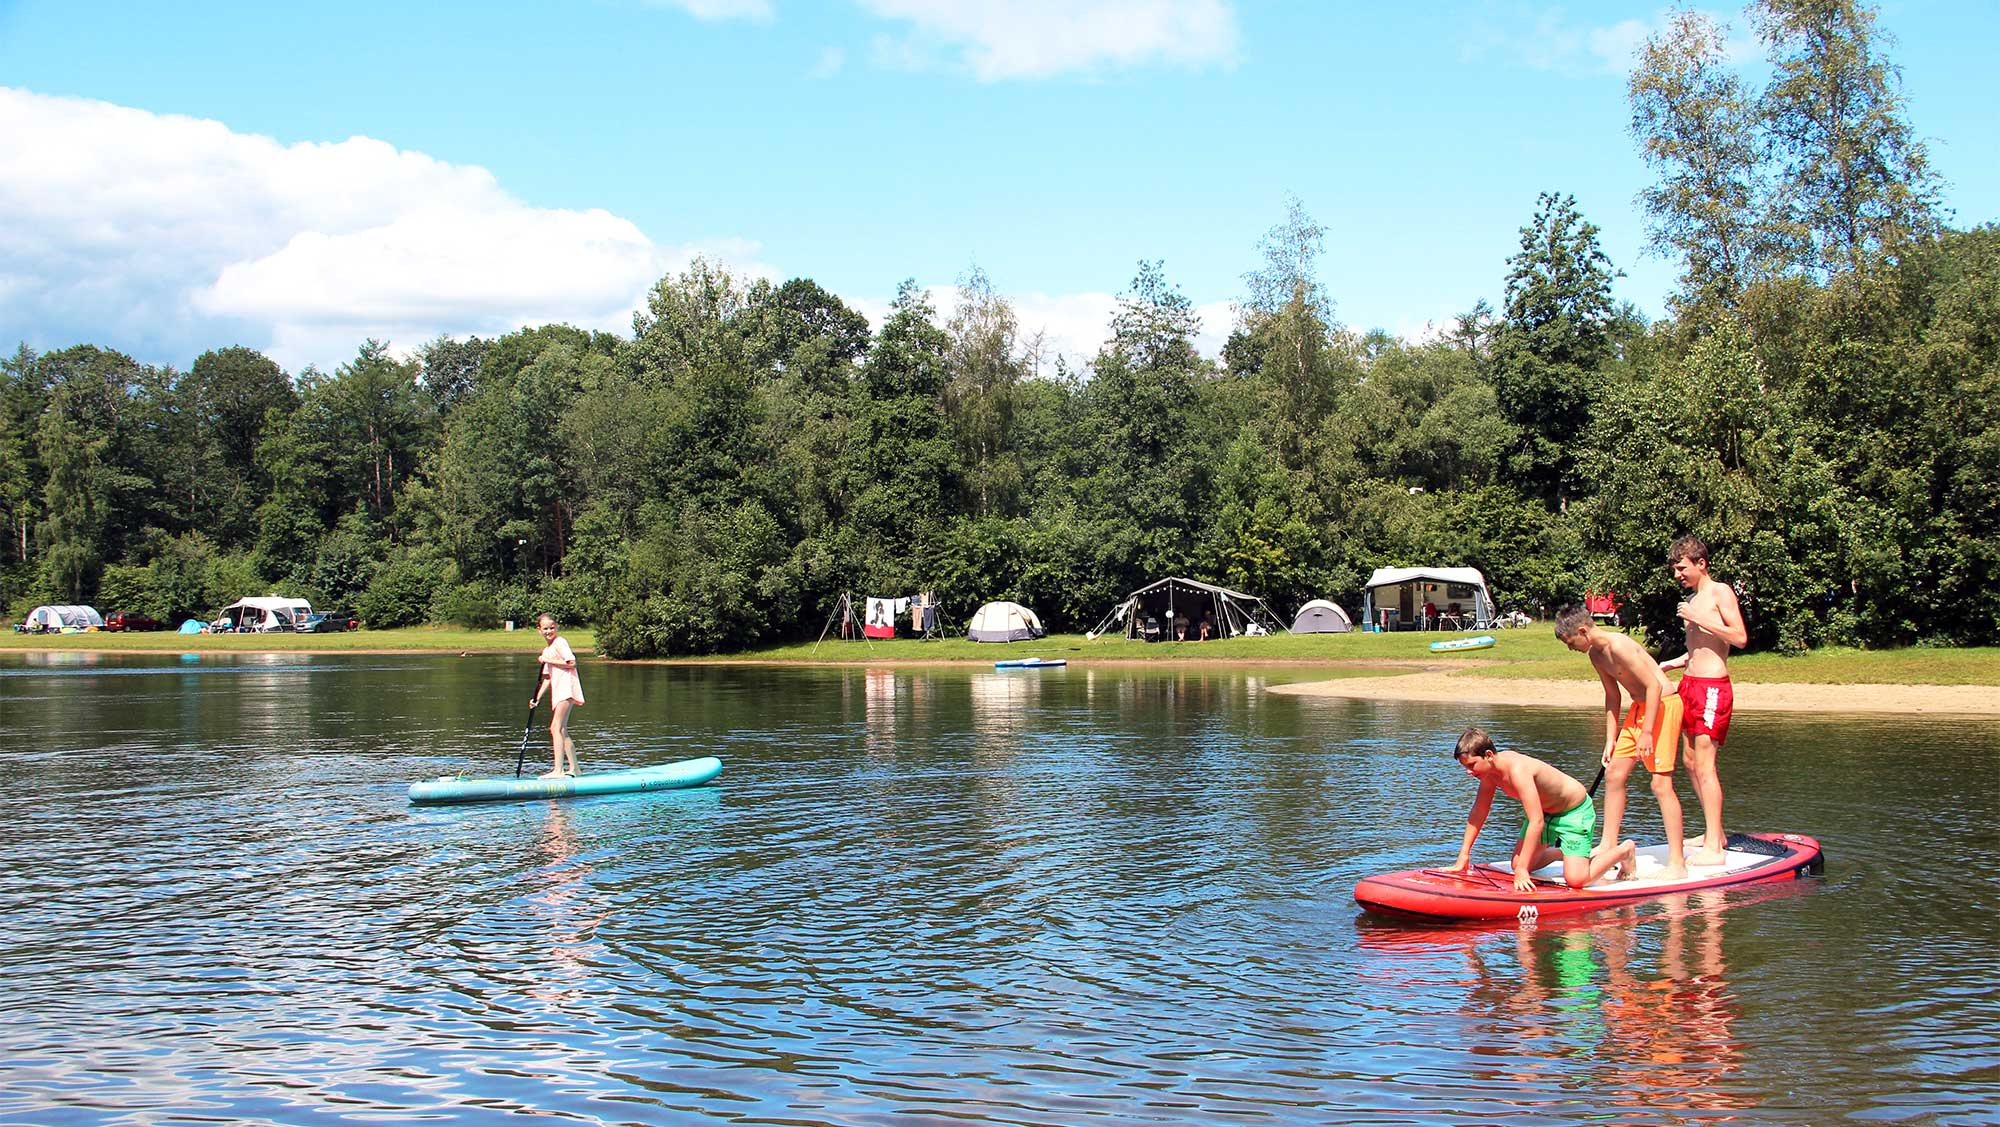 Basisplaats kamperen Molecaten Park Kuierpad 01